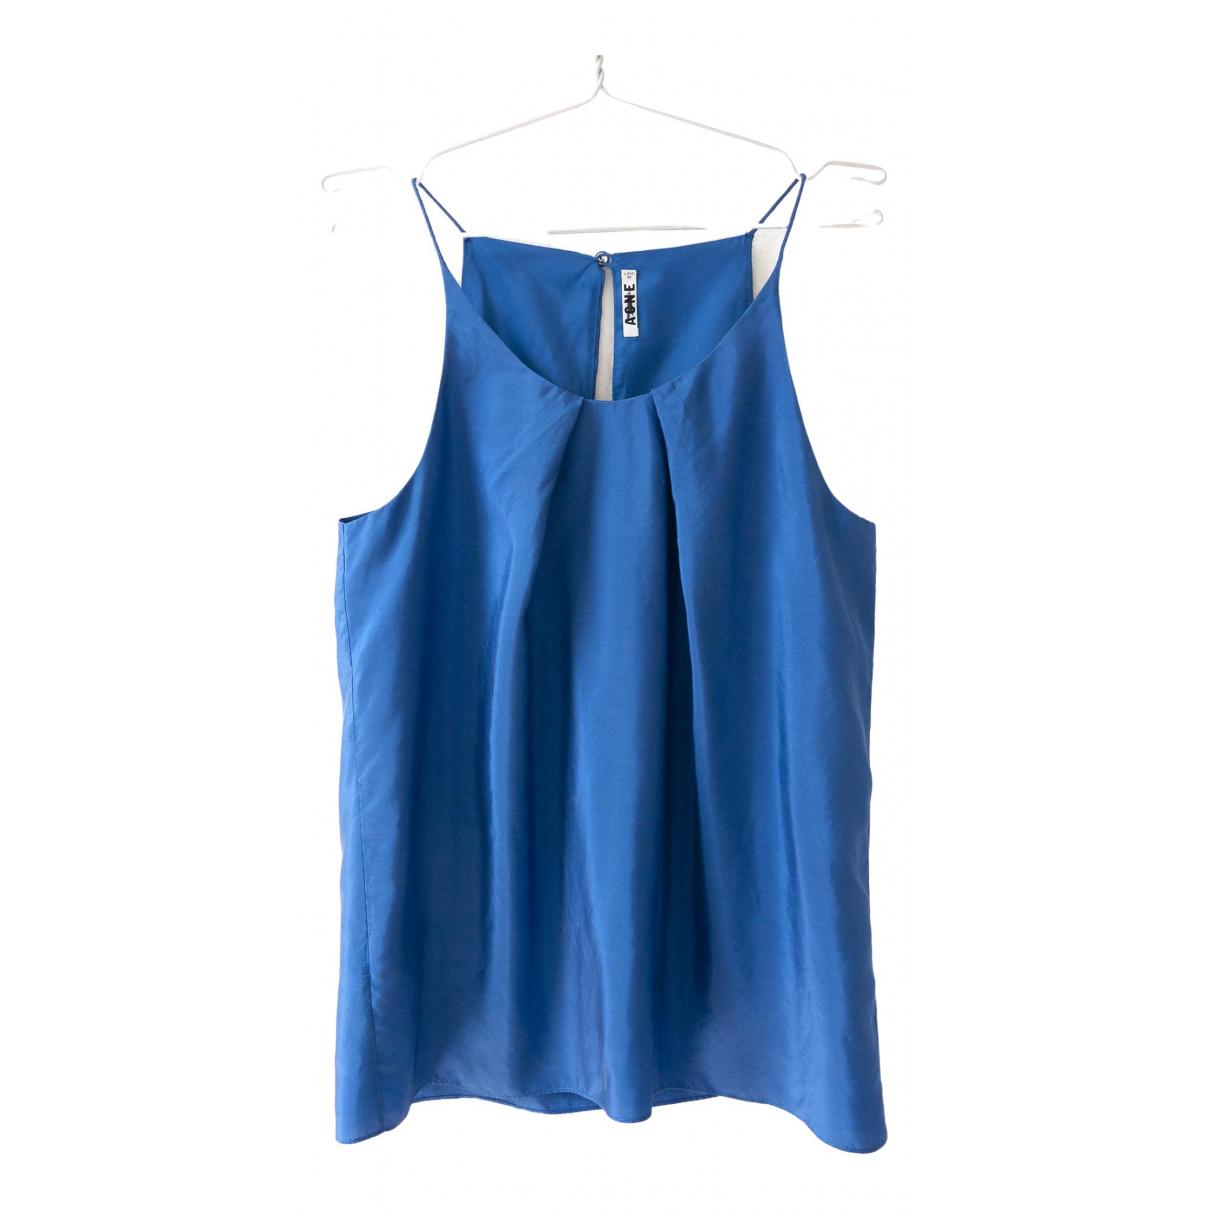 Acne Studios - Top   pour femme en soie - bleu